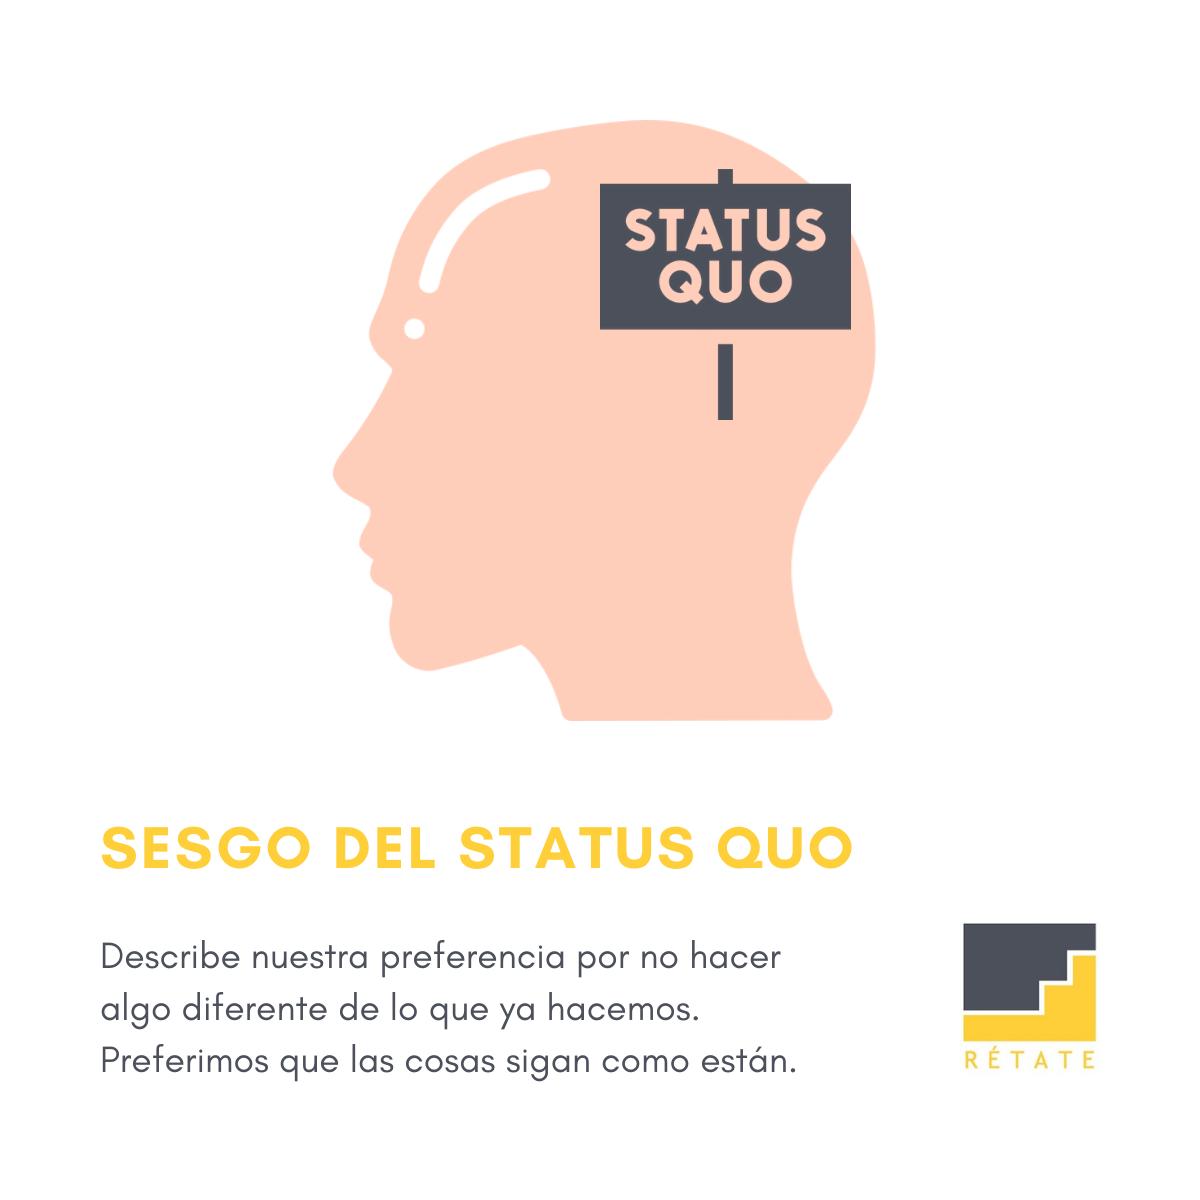 Sesgo del status quo